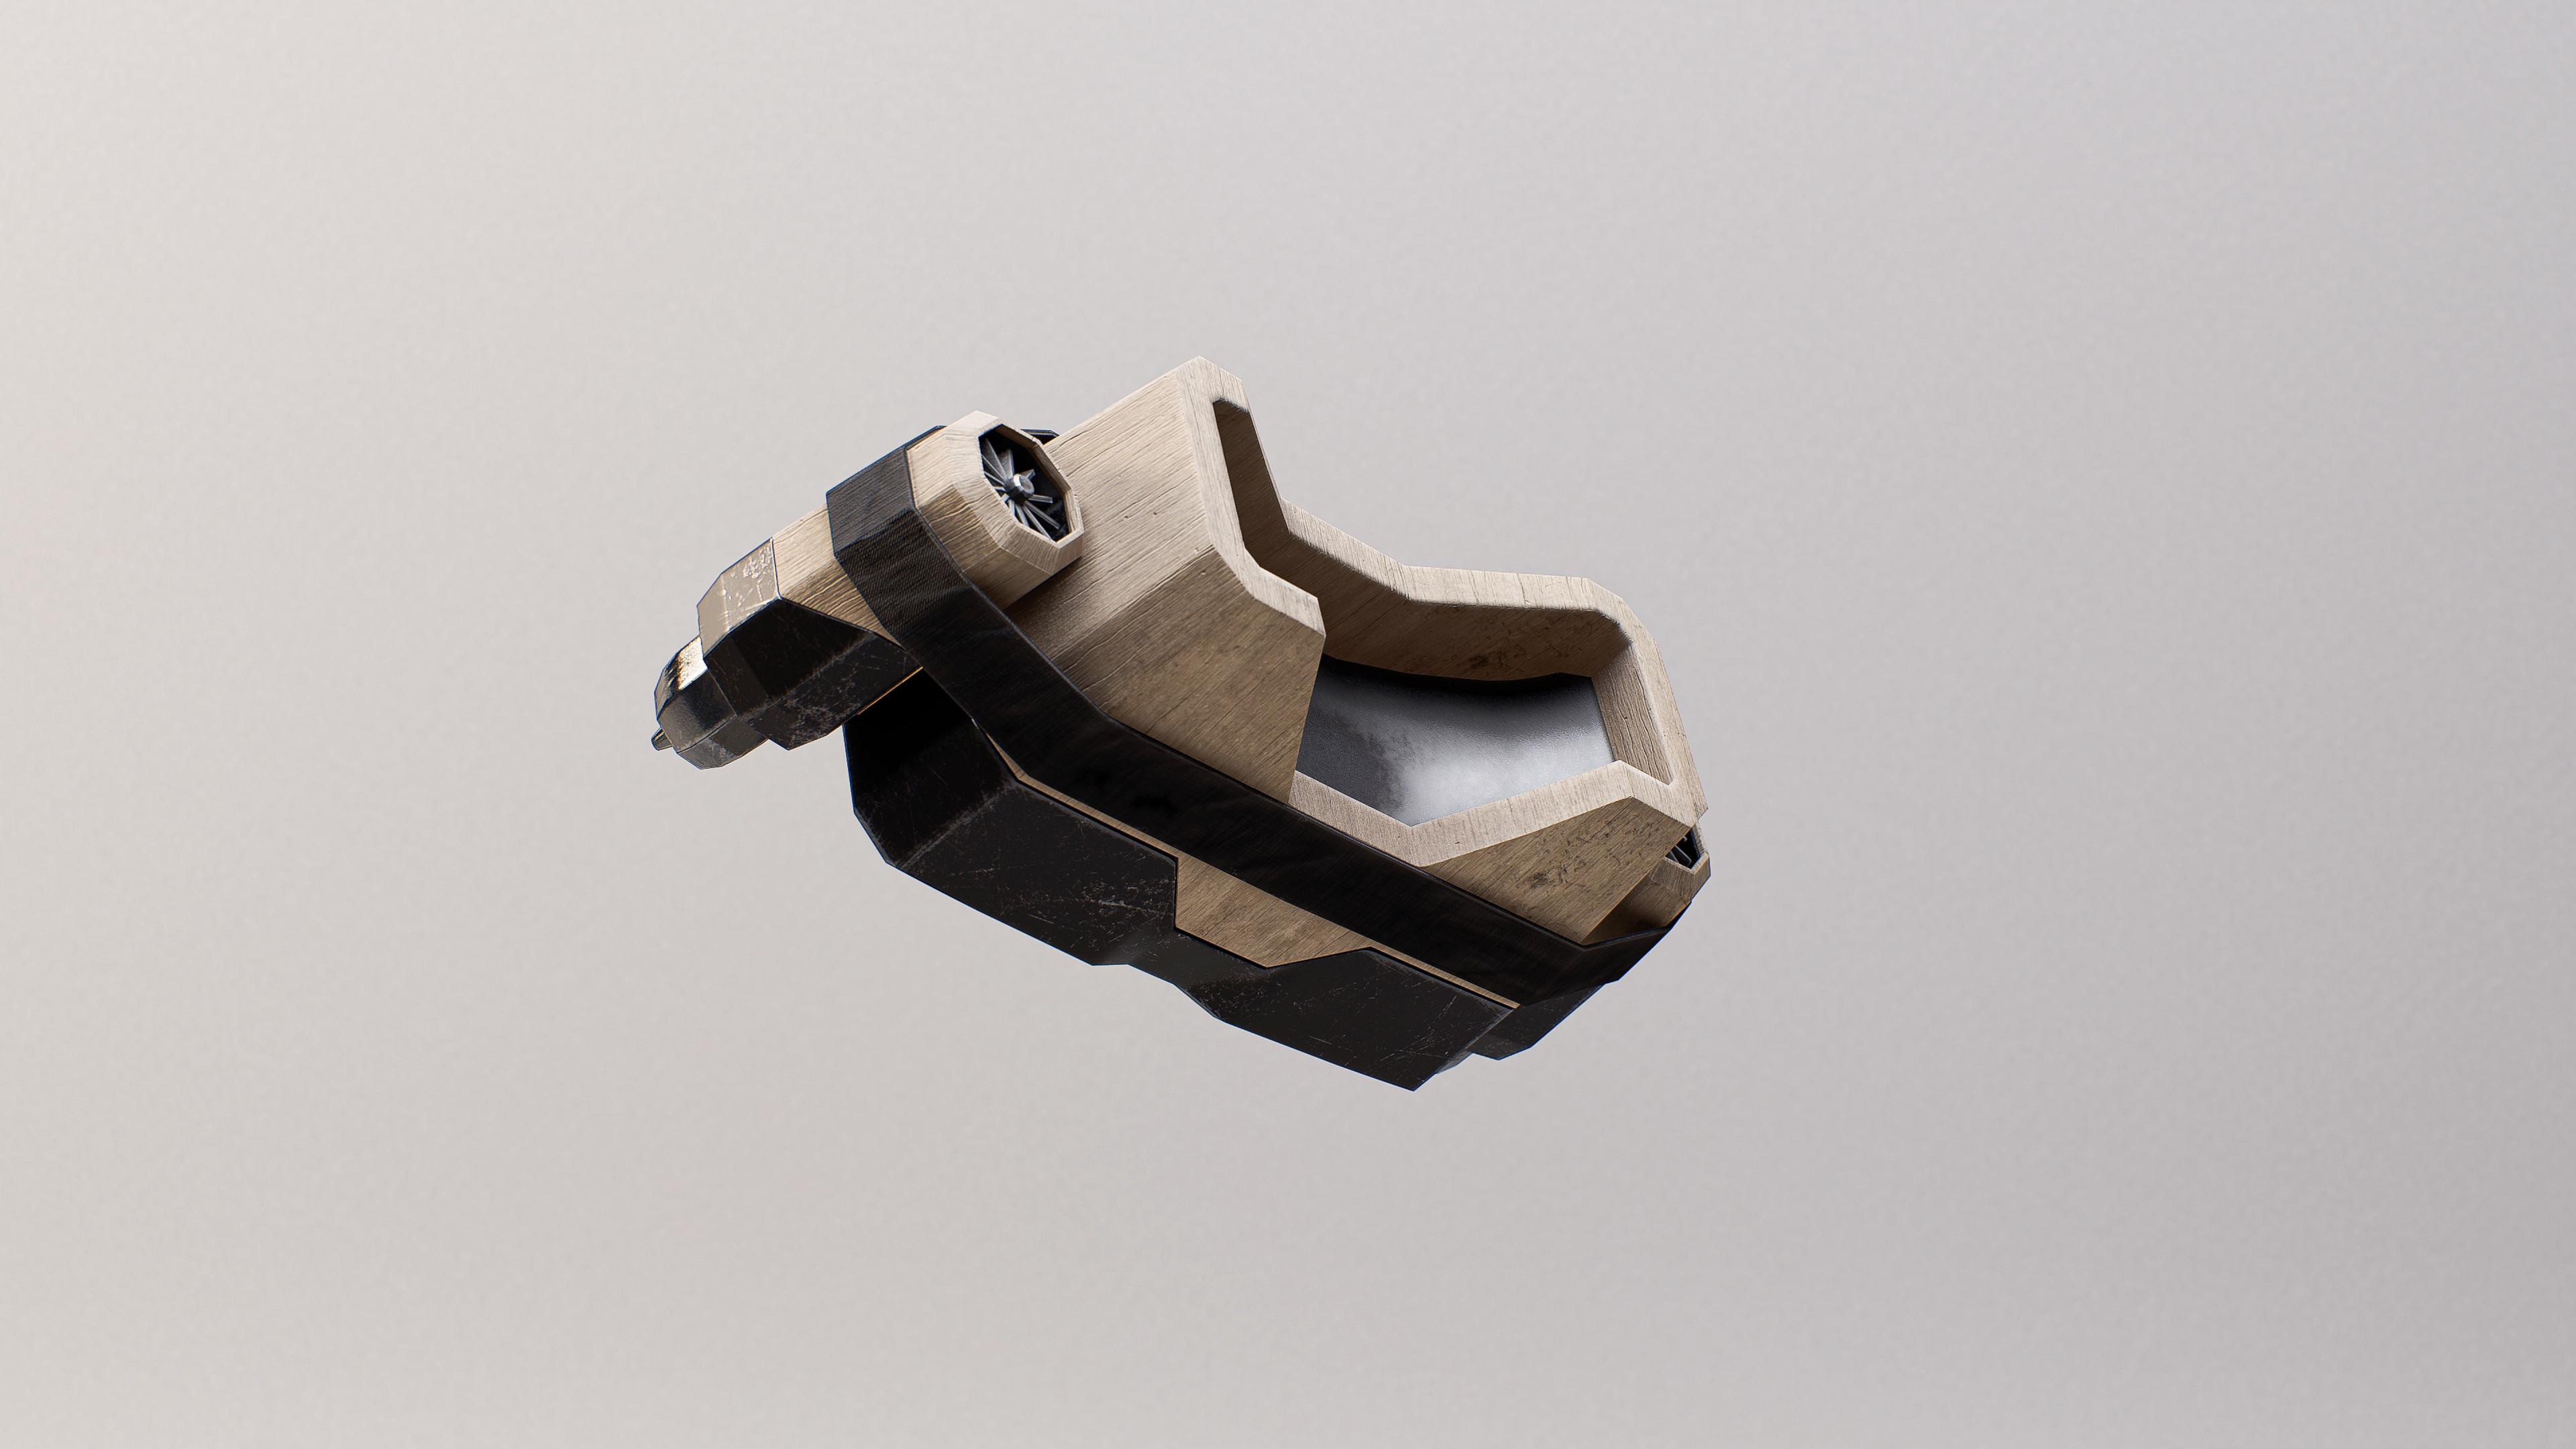 VR Jet Engine Headset - Unreal Engine Render